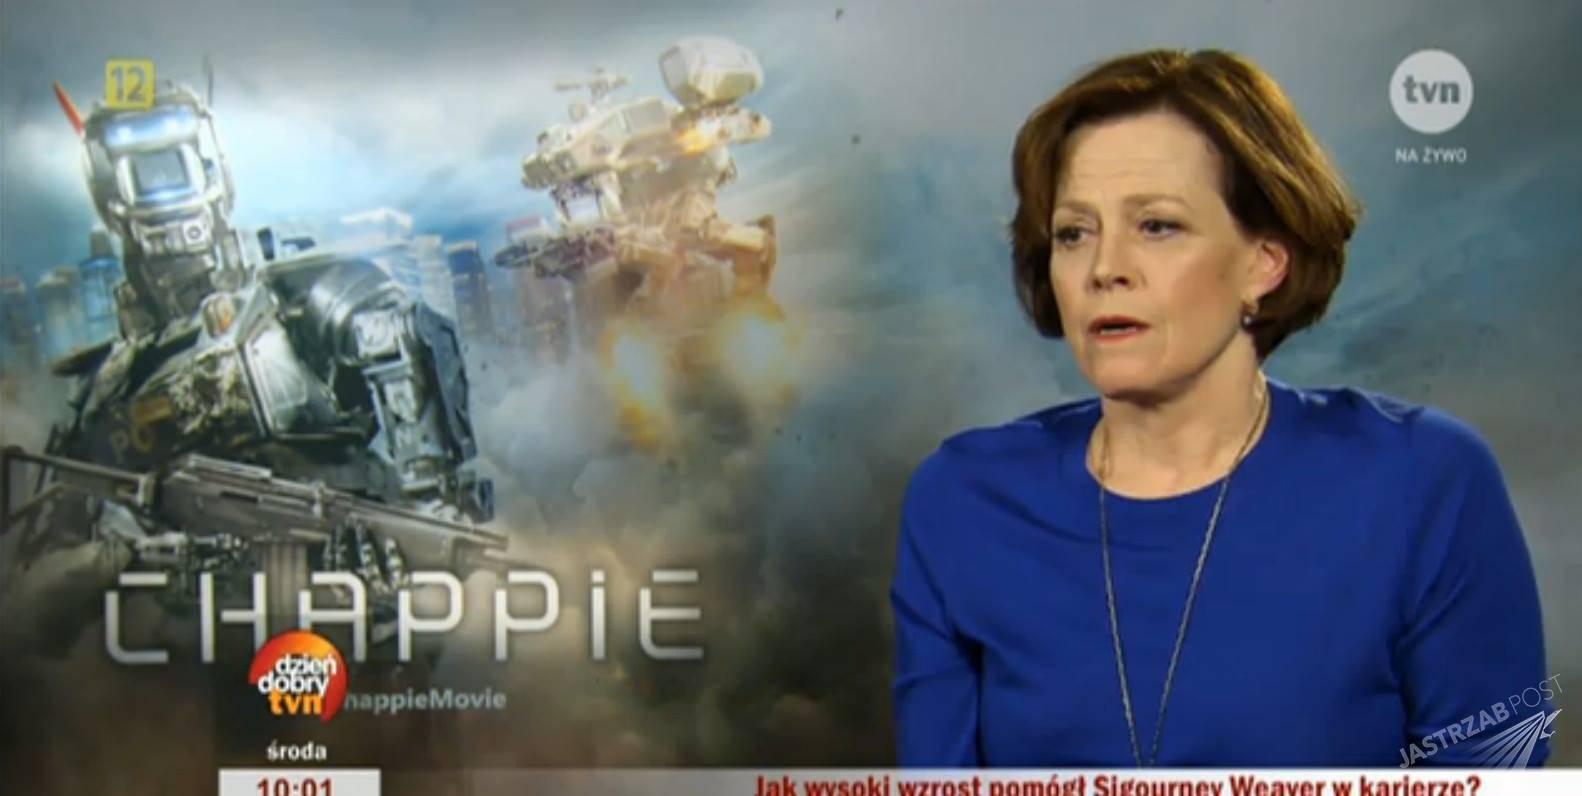 Fotografia: screen z TVN